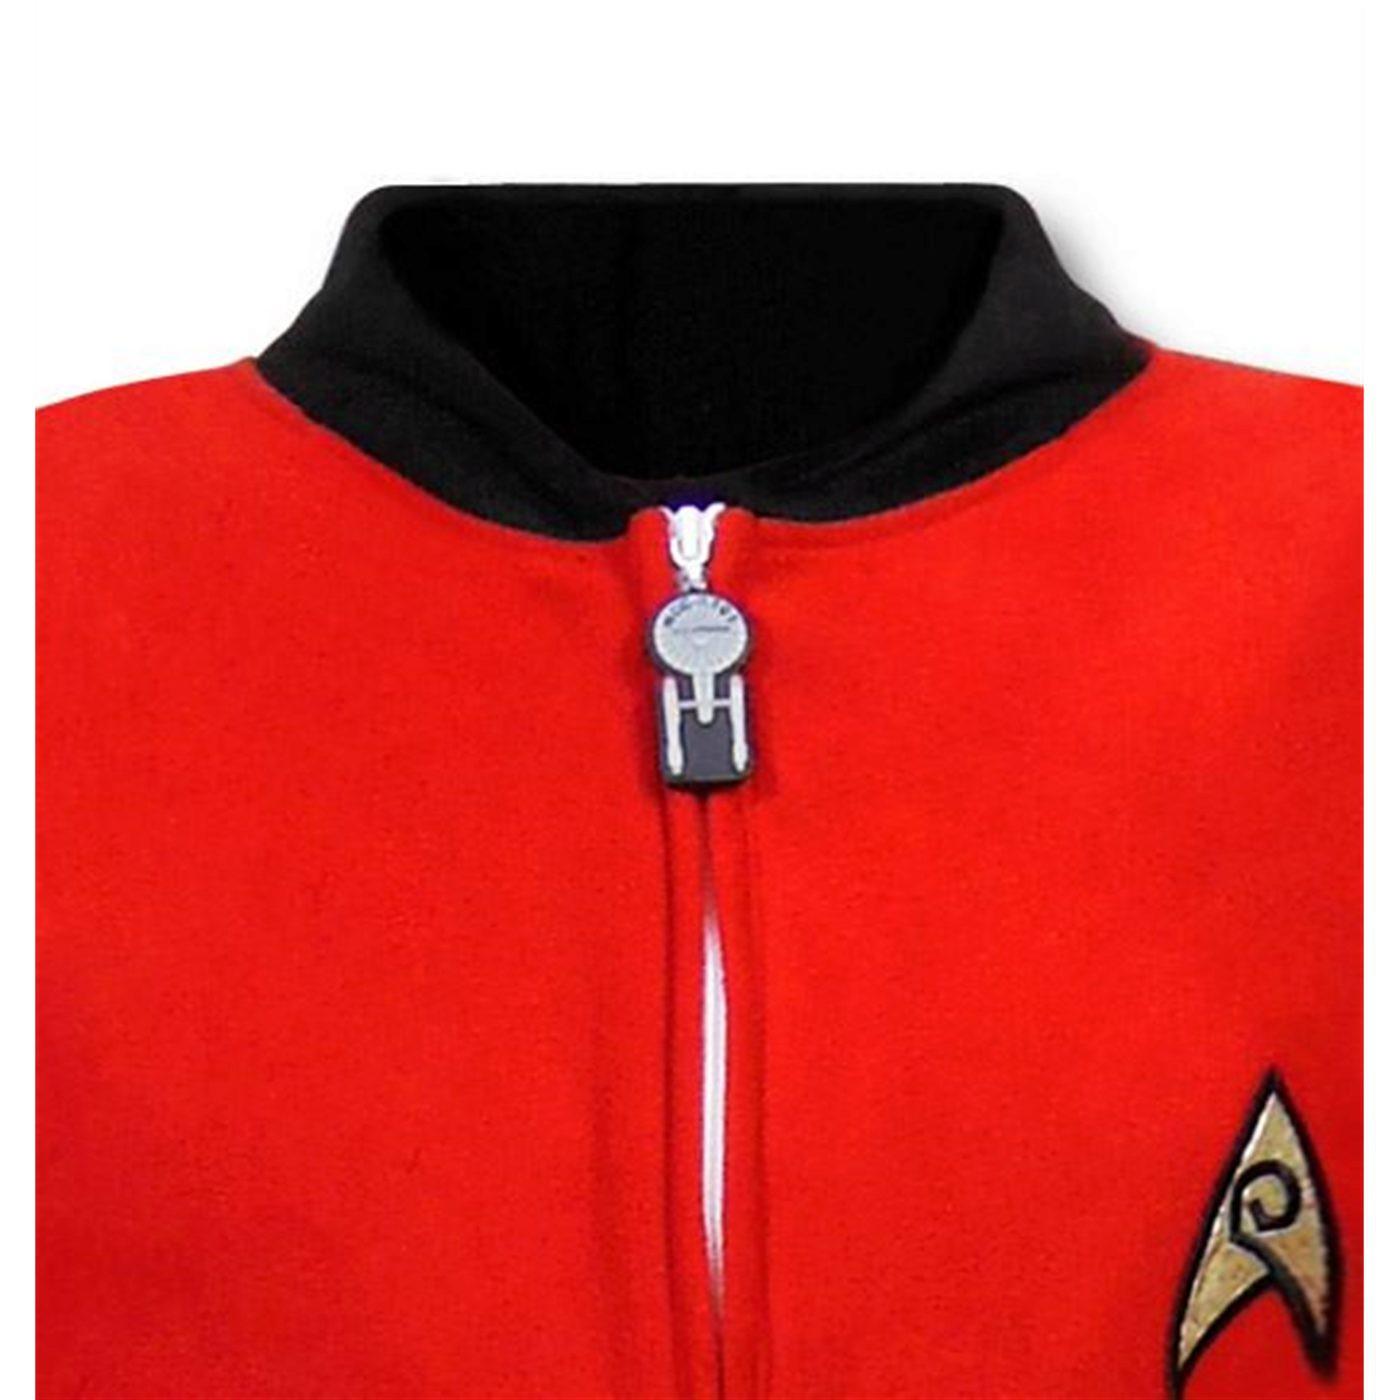 Star Trek Security Uniform Footed Pajamas